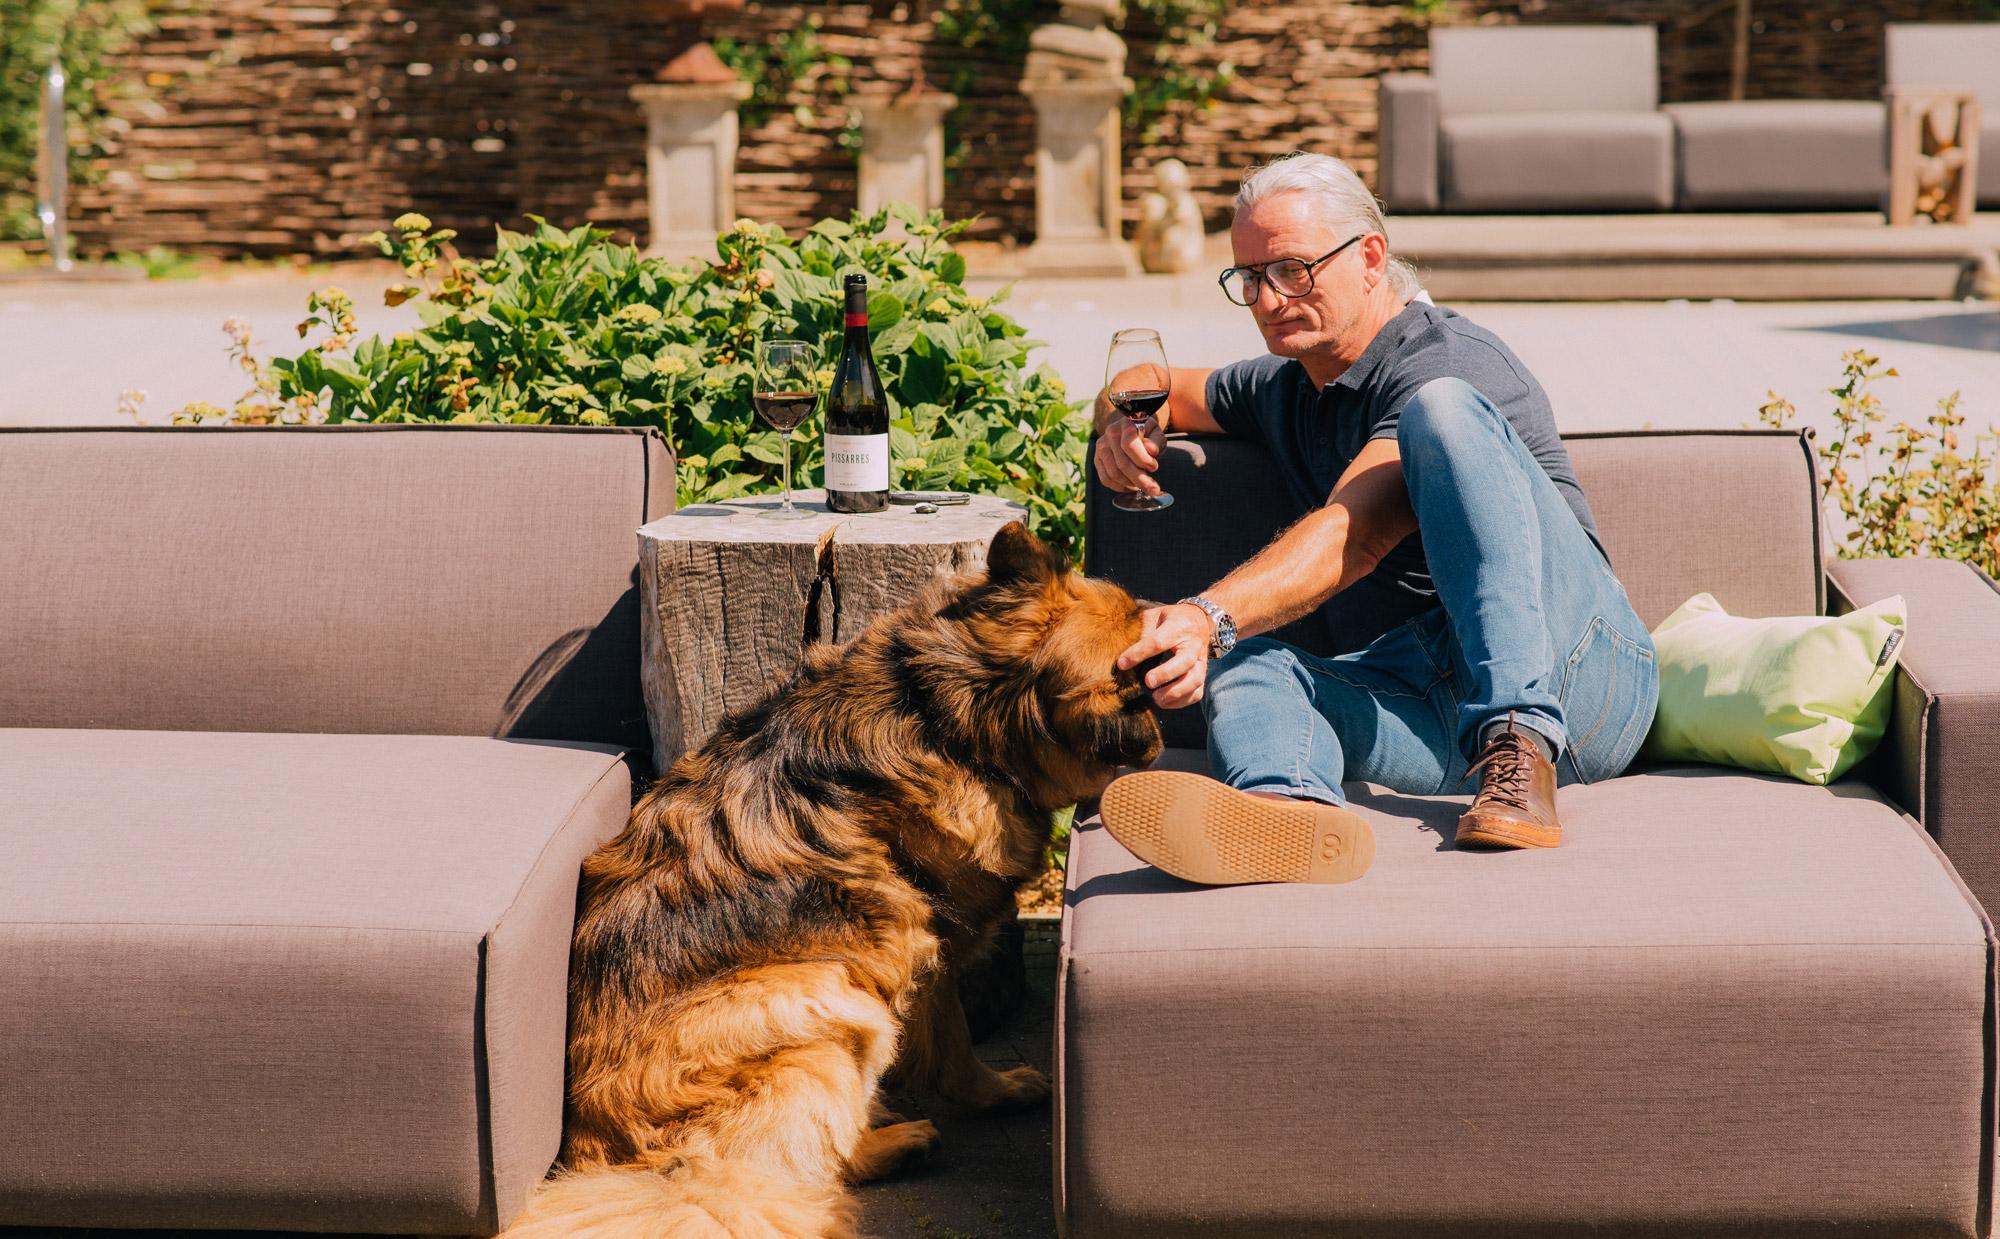 Bart op tuinmeubilair met hond